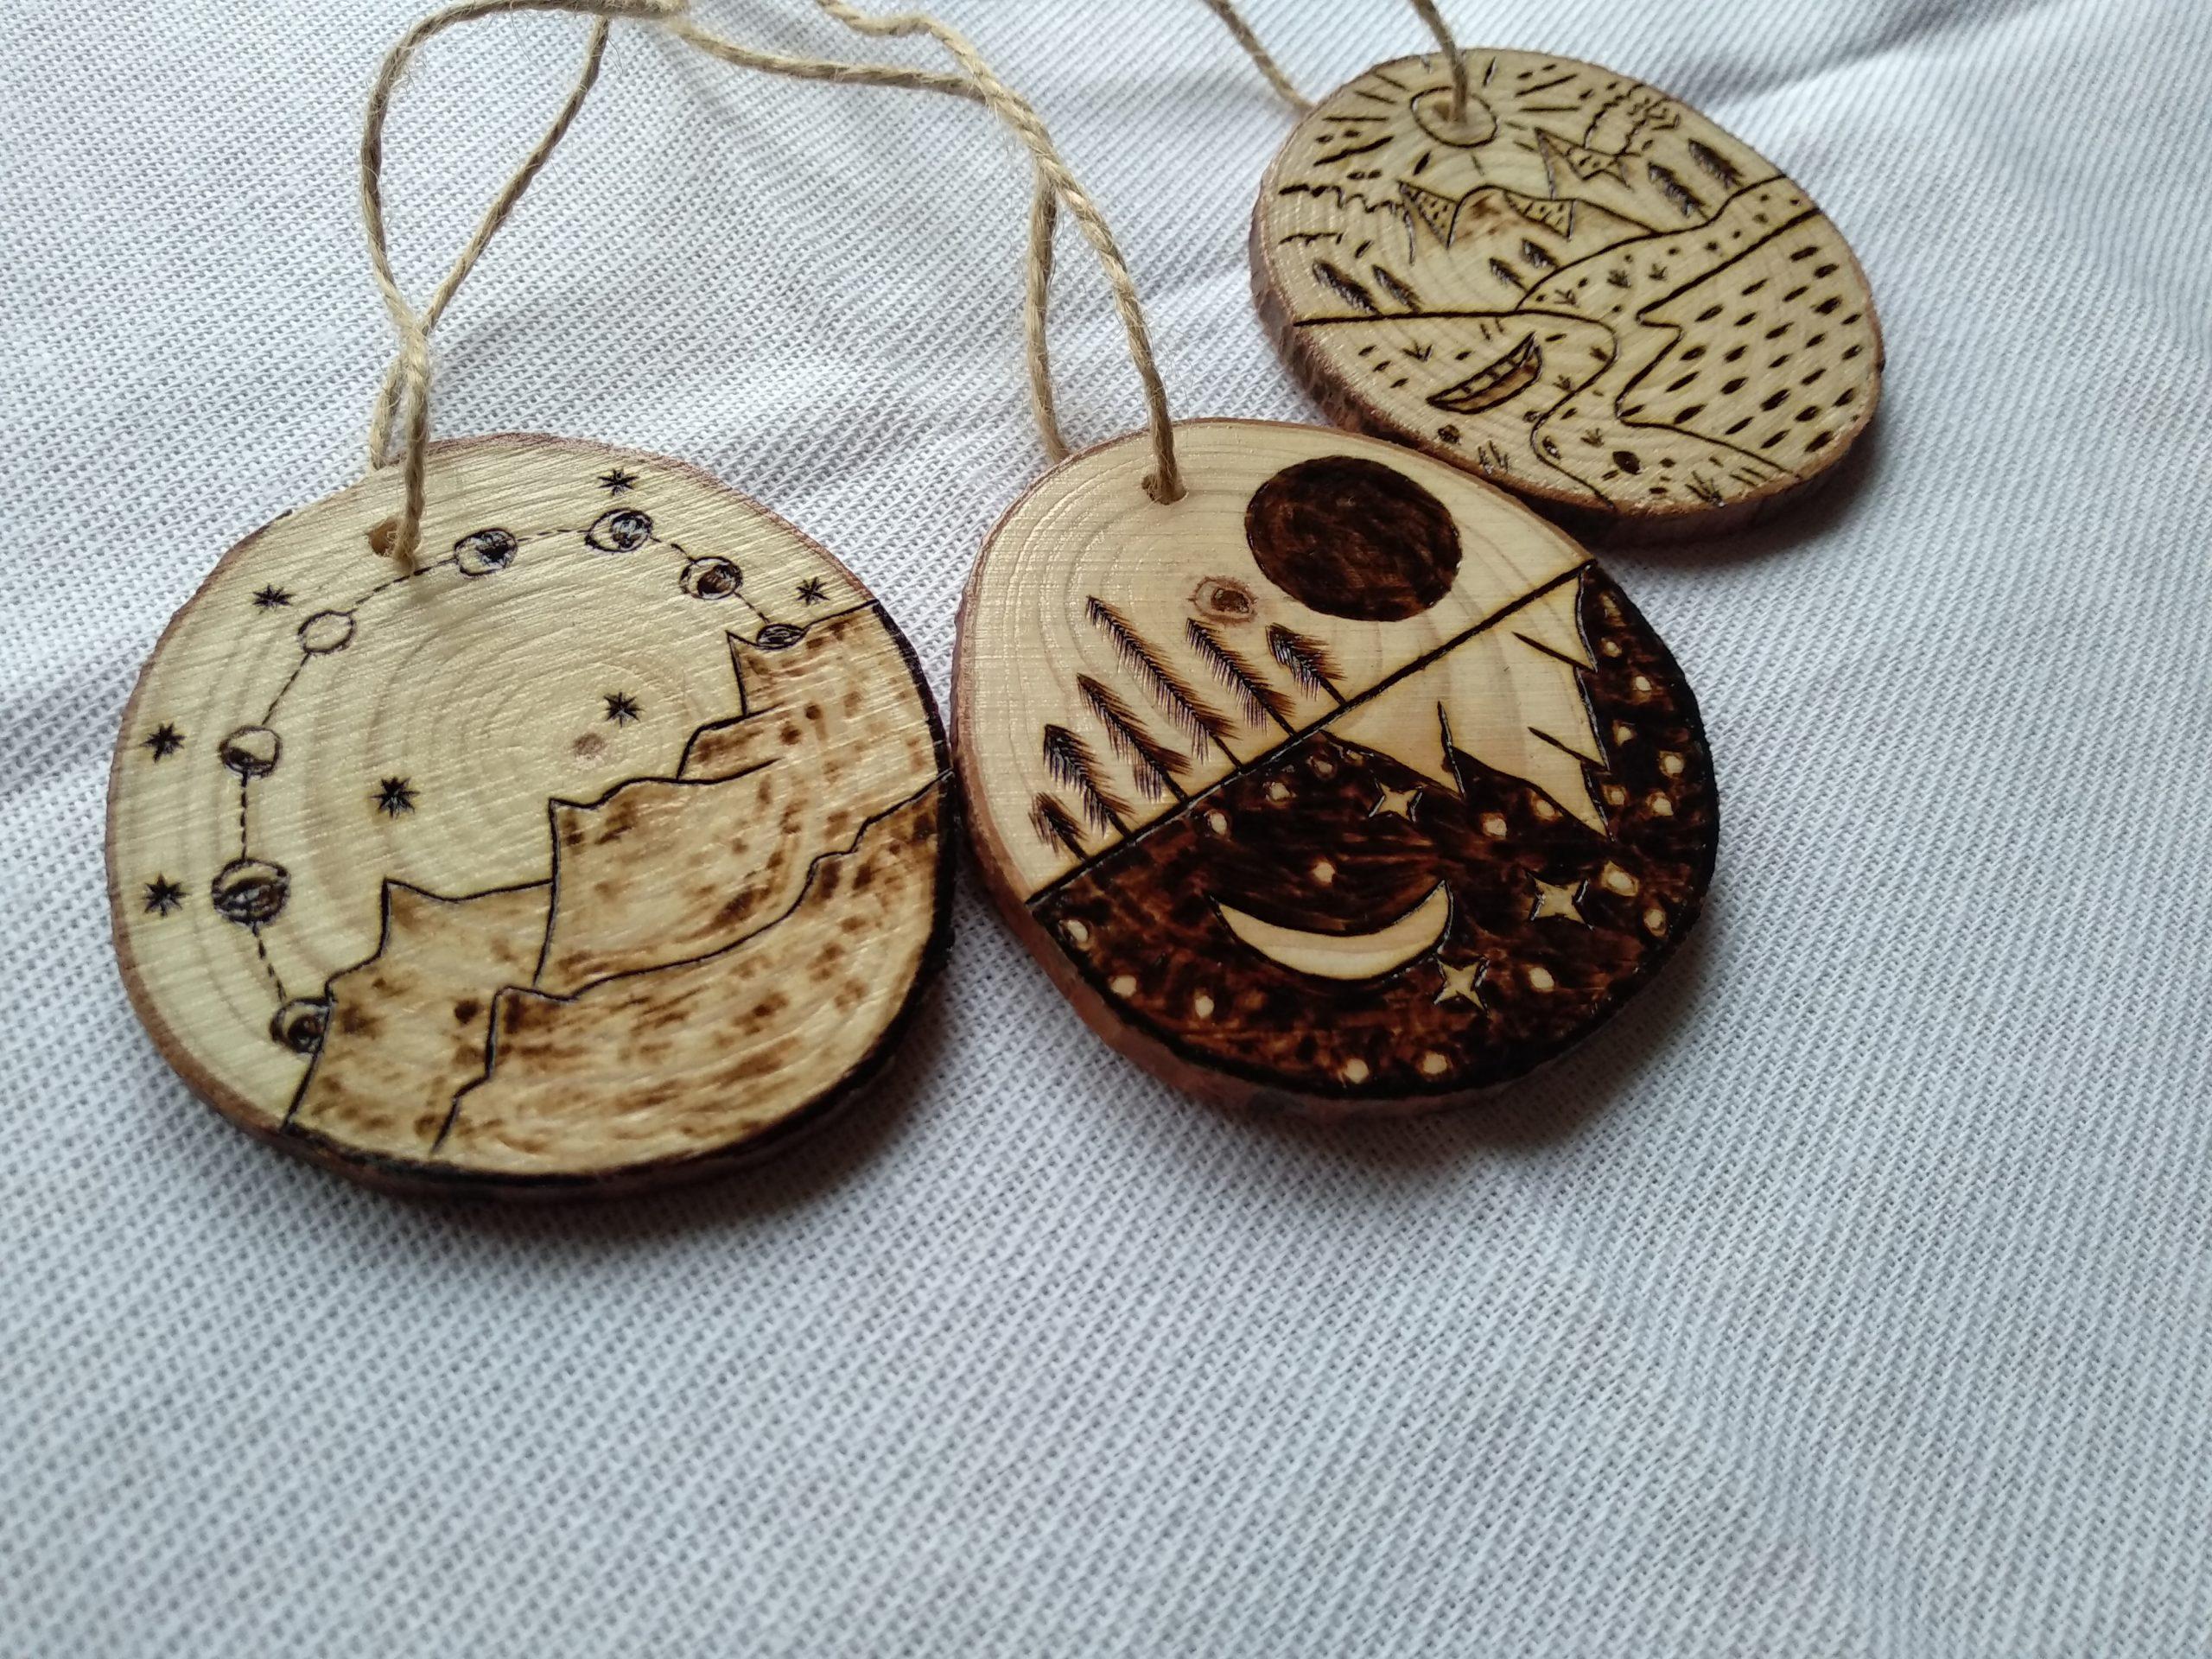 3 ornements en bois avec des montagnes et des lunes dessinés dessus